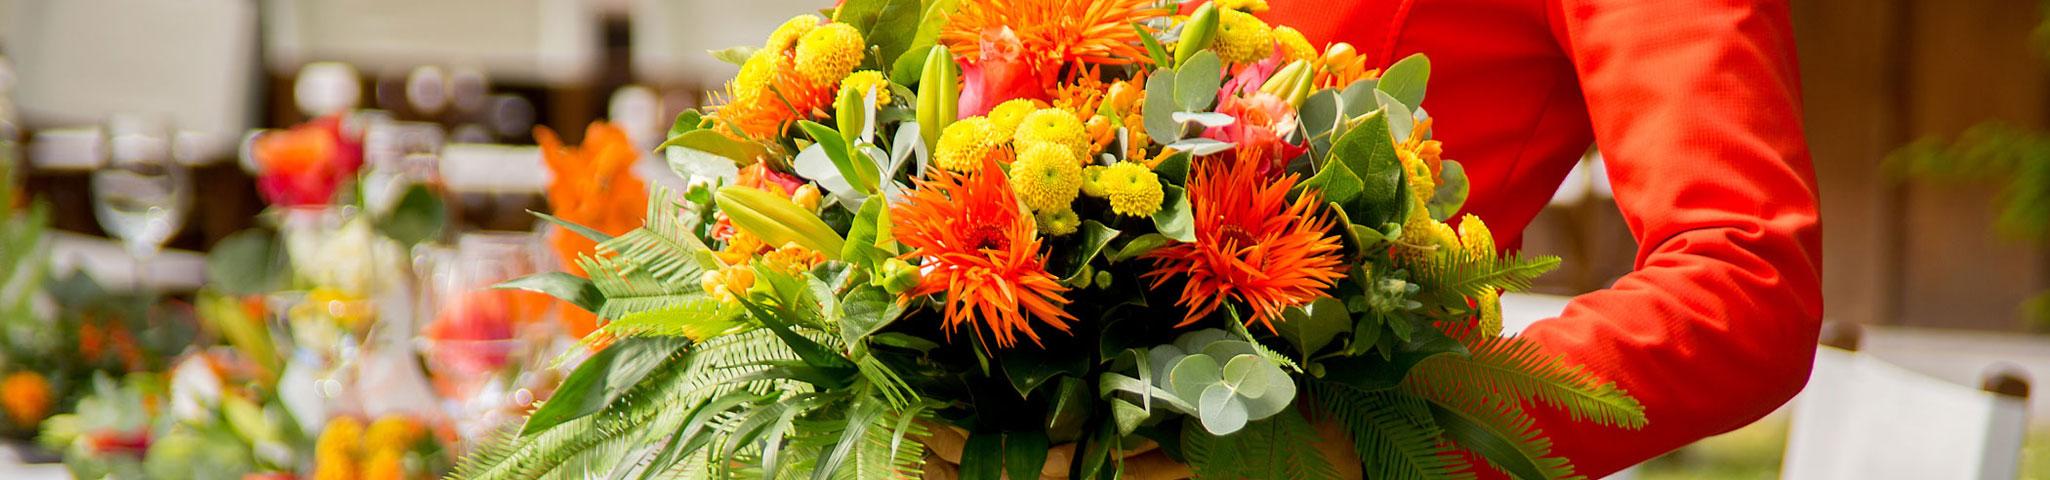 Nachhaltige Blumen und Pflanzen